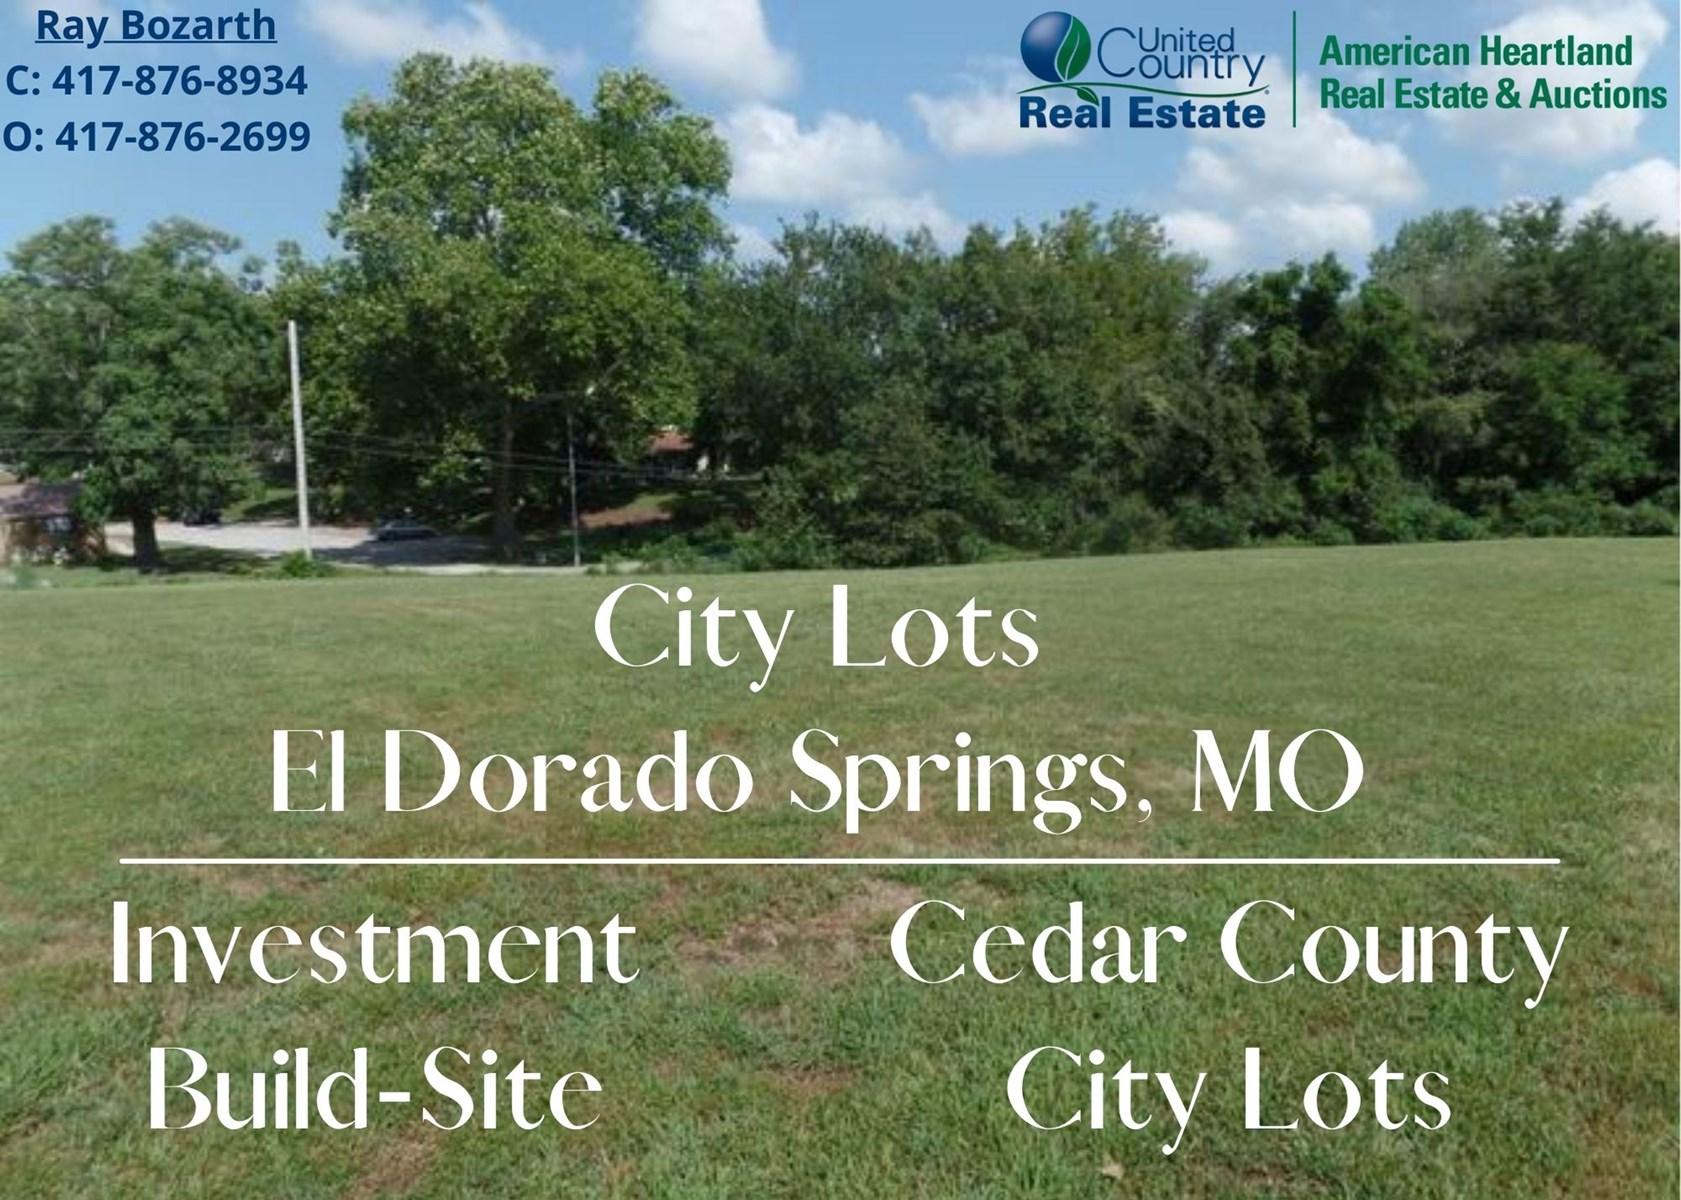 City Lots For Sale In Cedar County in Southwest Missouri